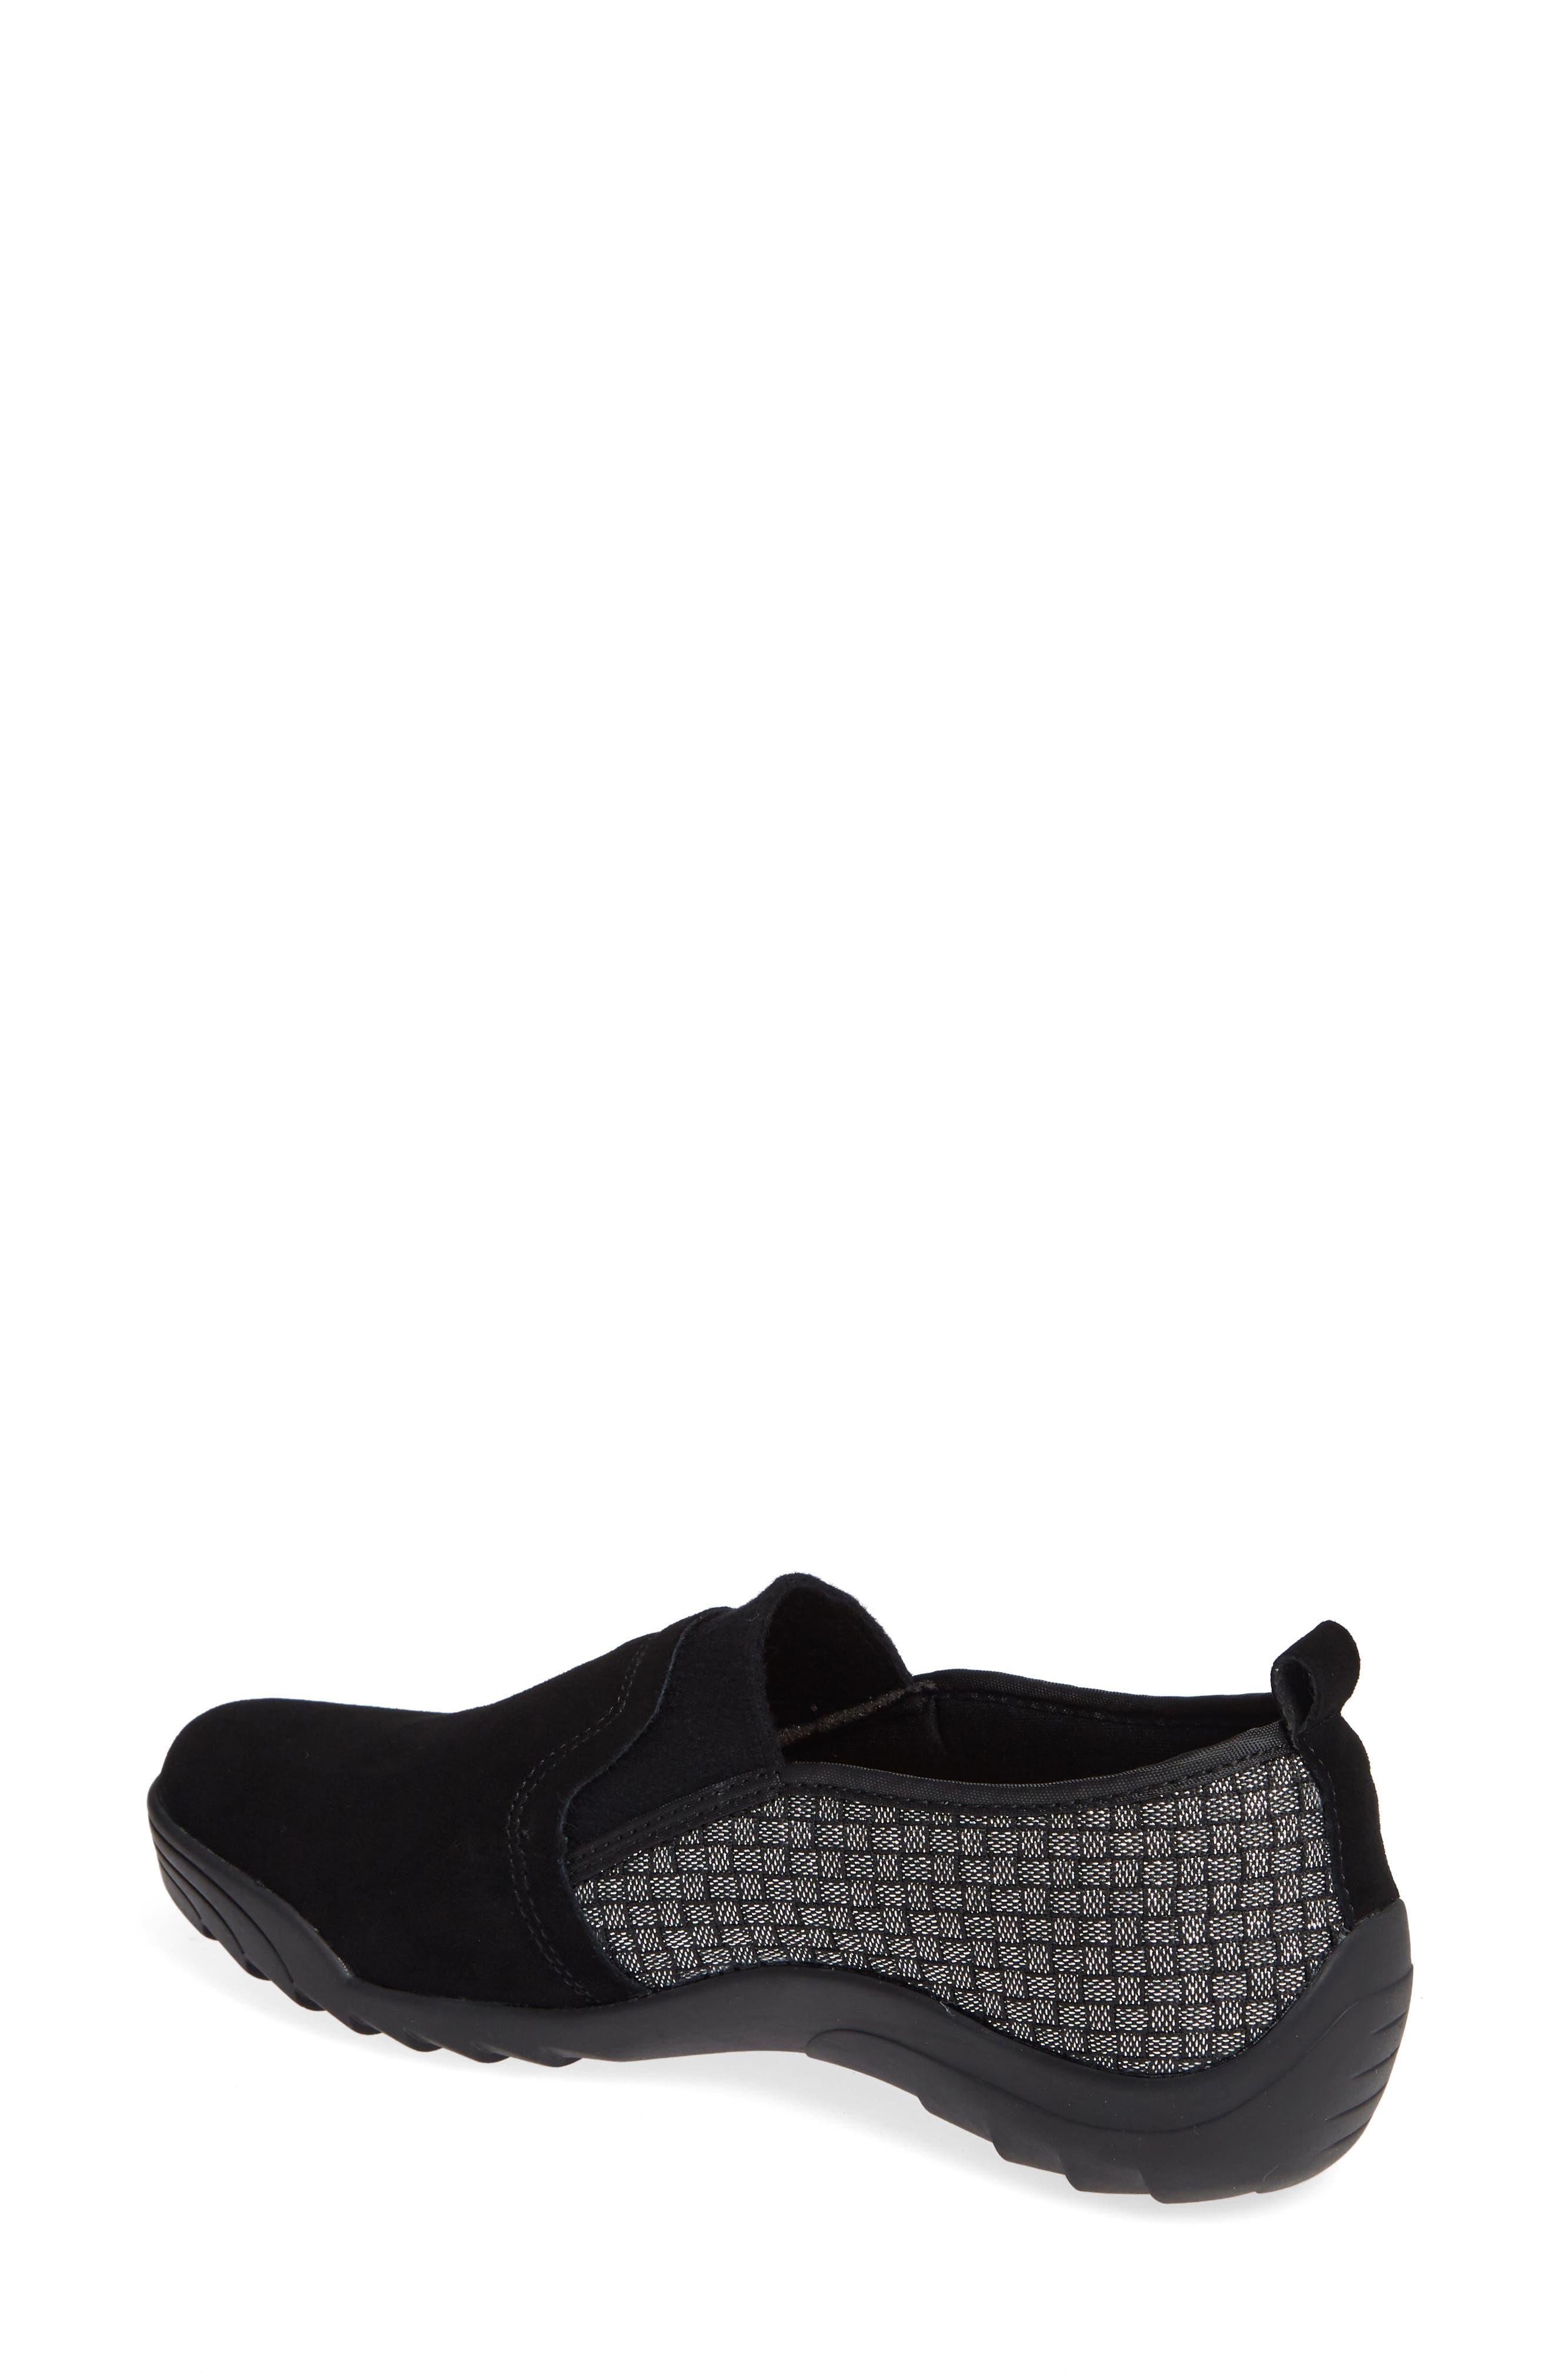 Swift Slip-On Sneaker,                             Alternate thumbnail 2, color,                             BLACK SHIMMER LEATHER